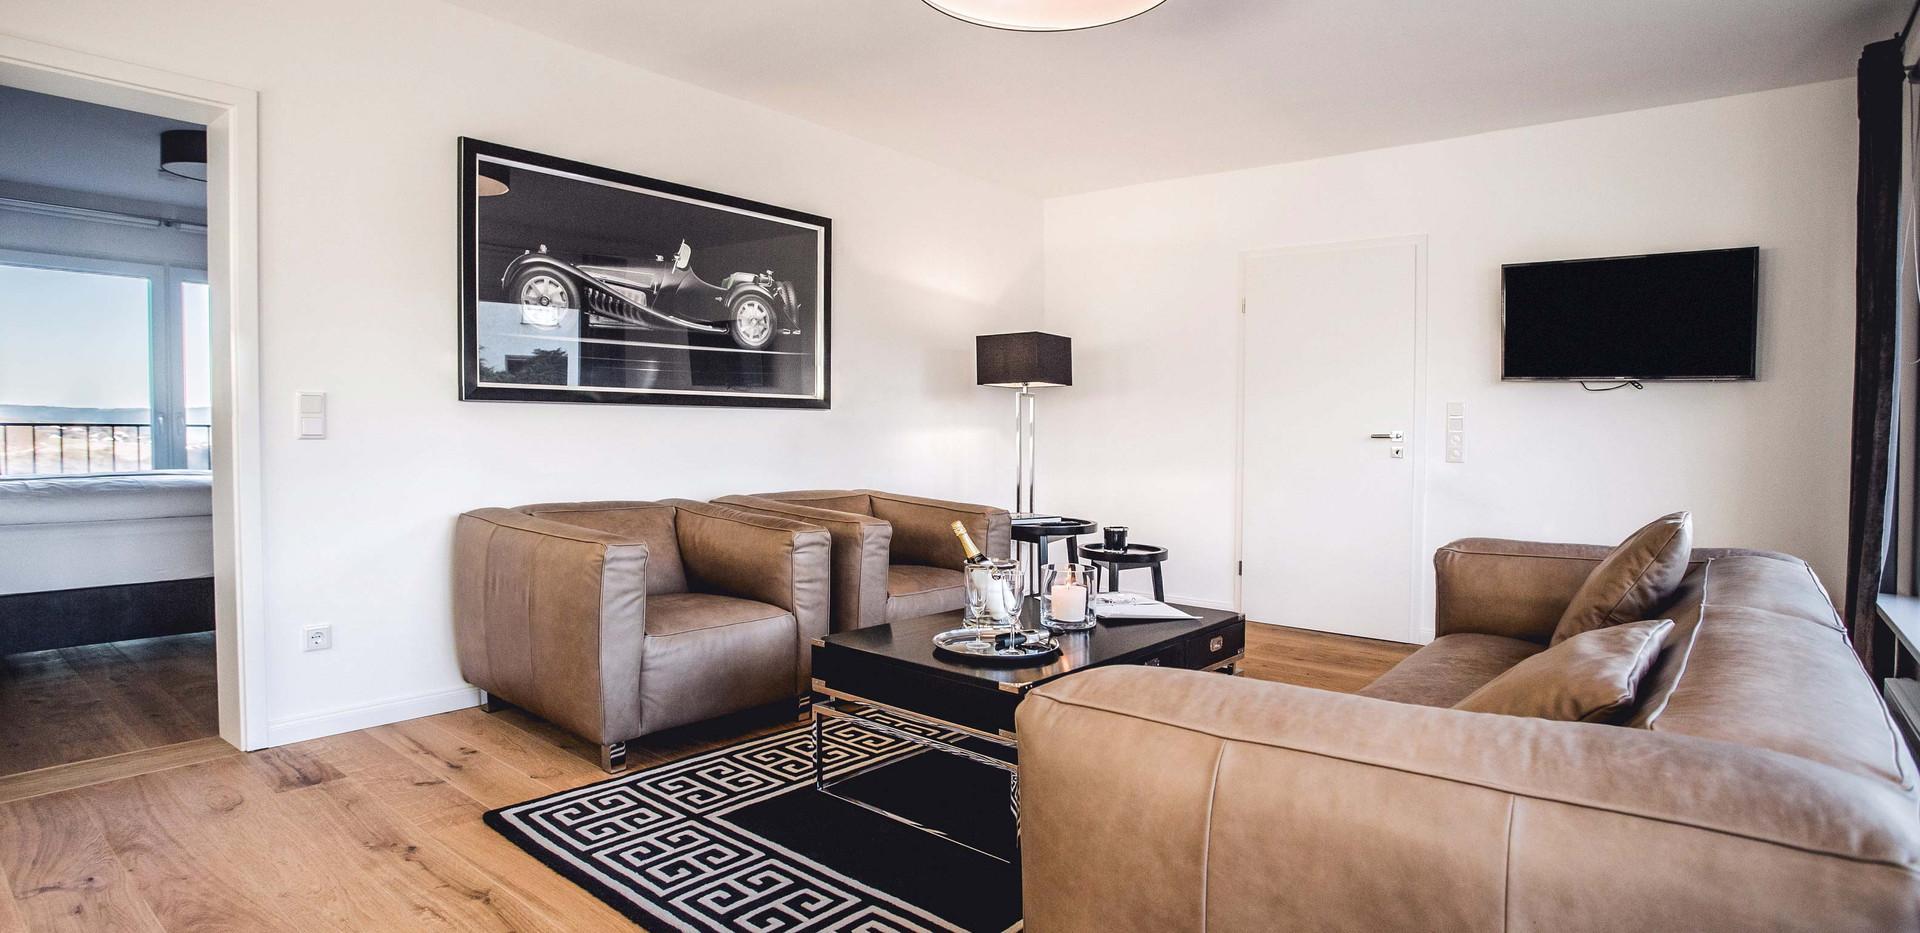 Oliver 92 Ferienwohnung Nürburgring Wohnung 2_Wohnzimmer